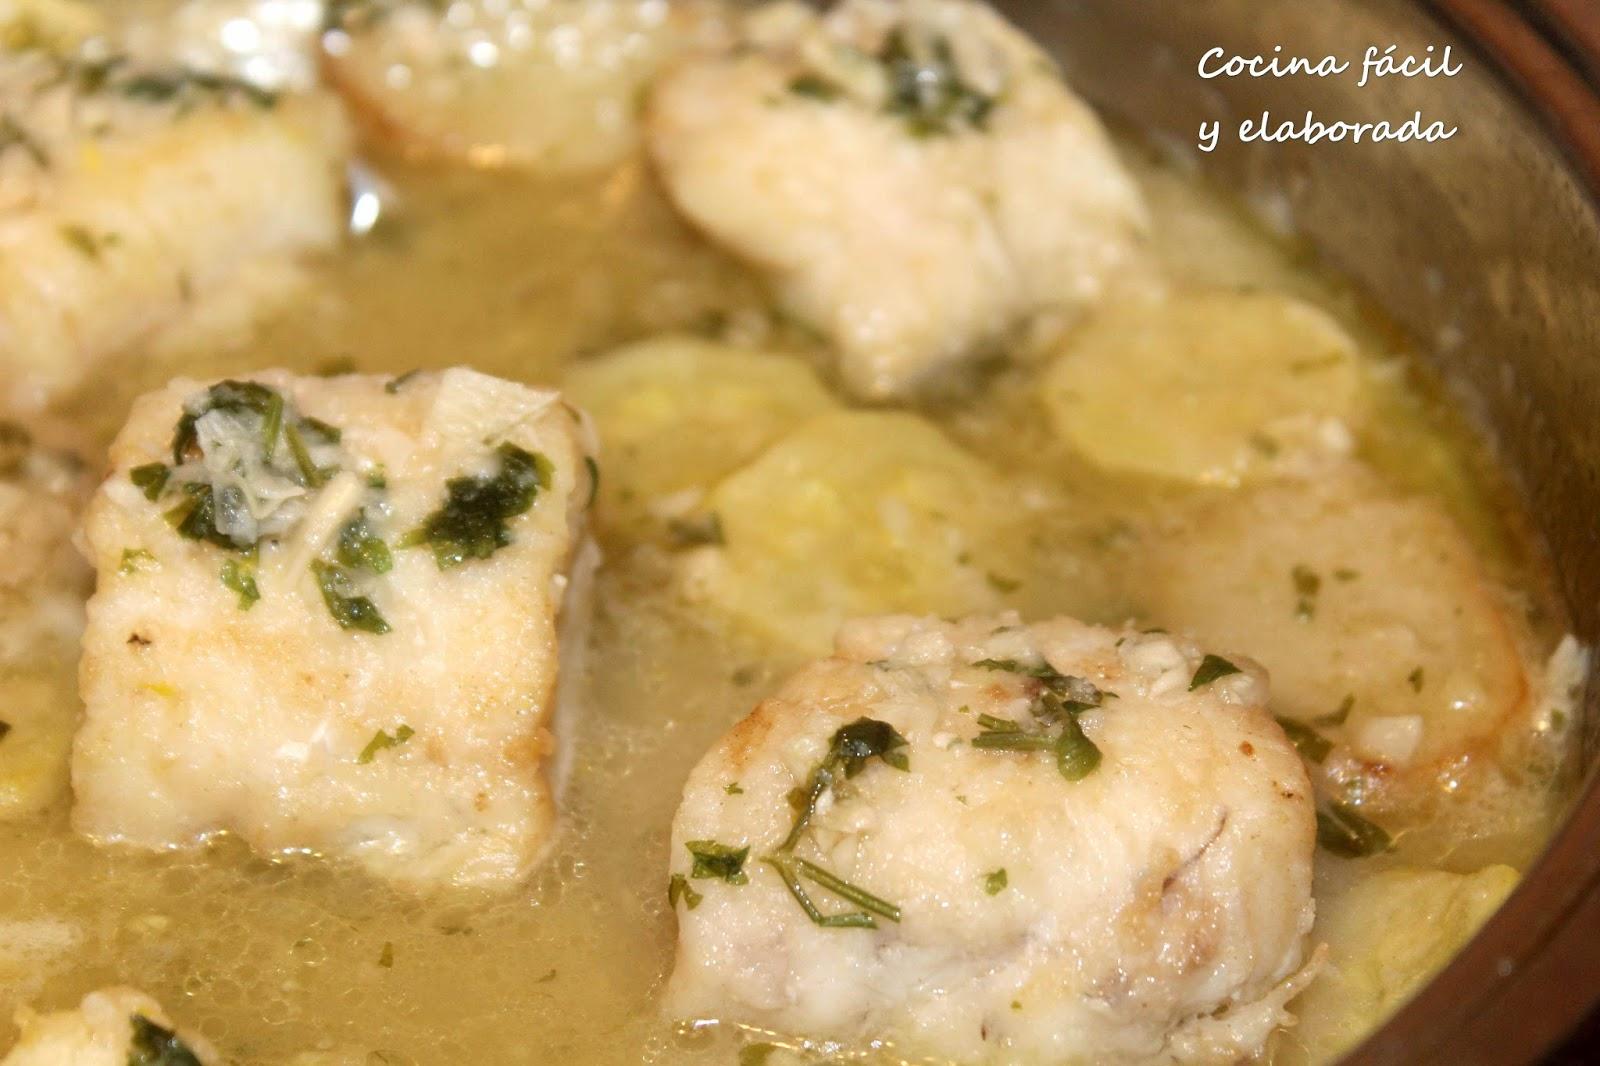 Cocina facil y elaborada merluza en salsa verde receta facil - Videos cocina facil ...